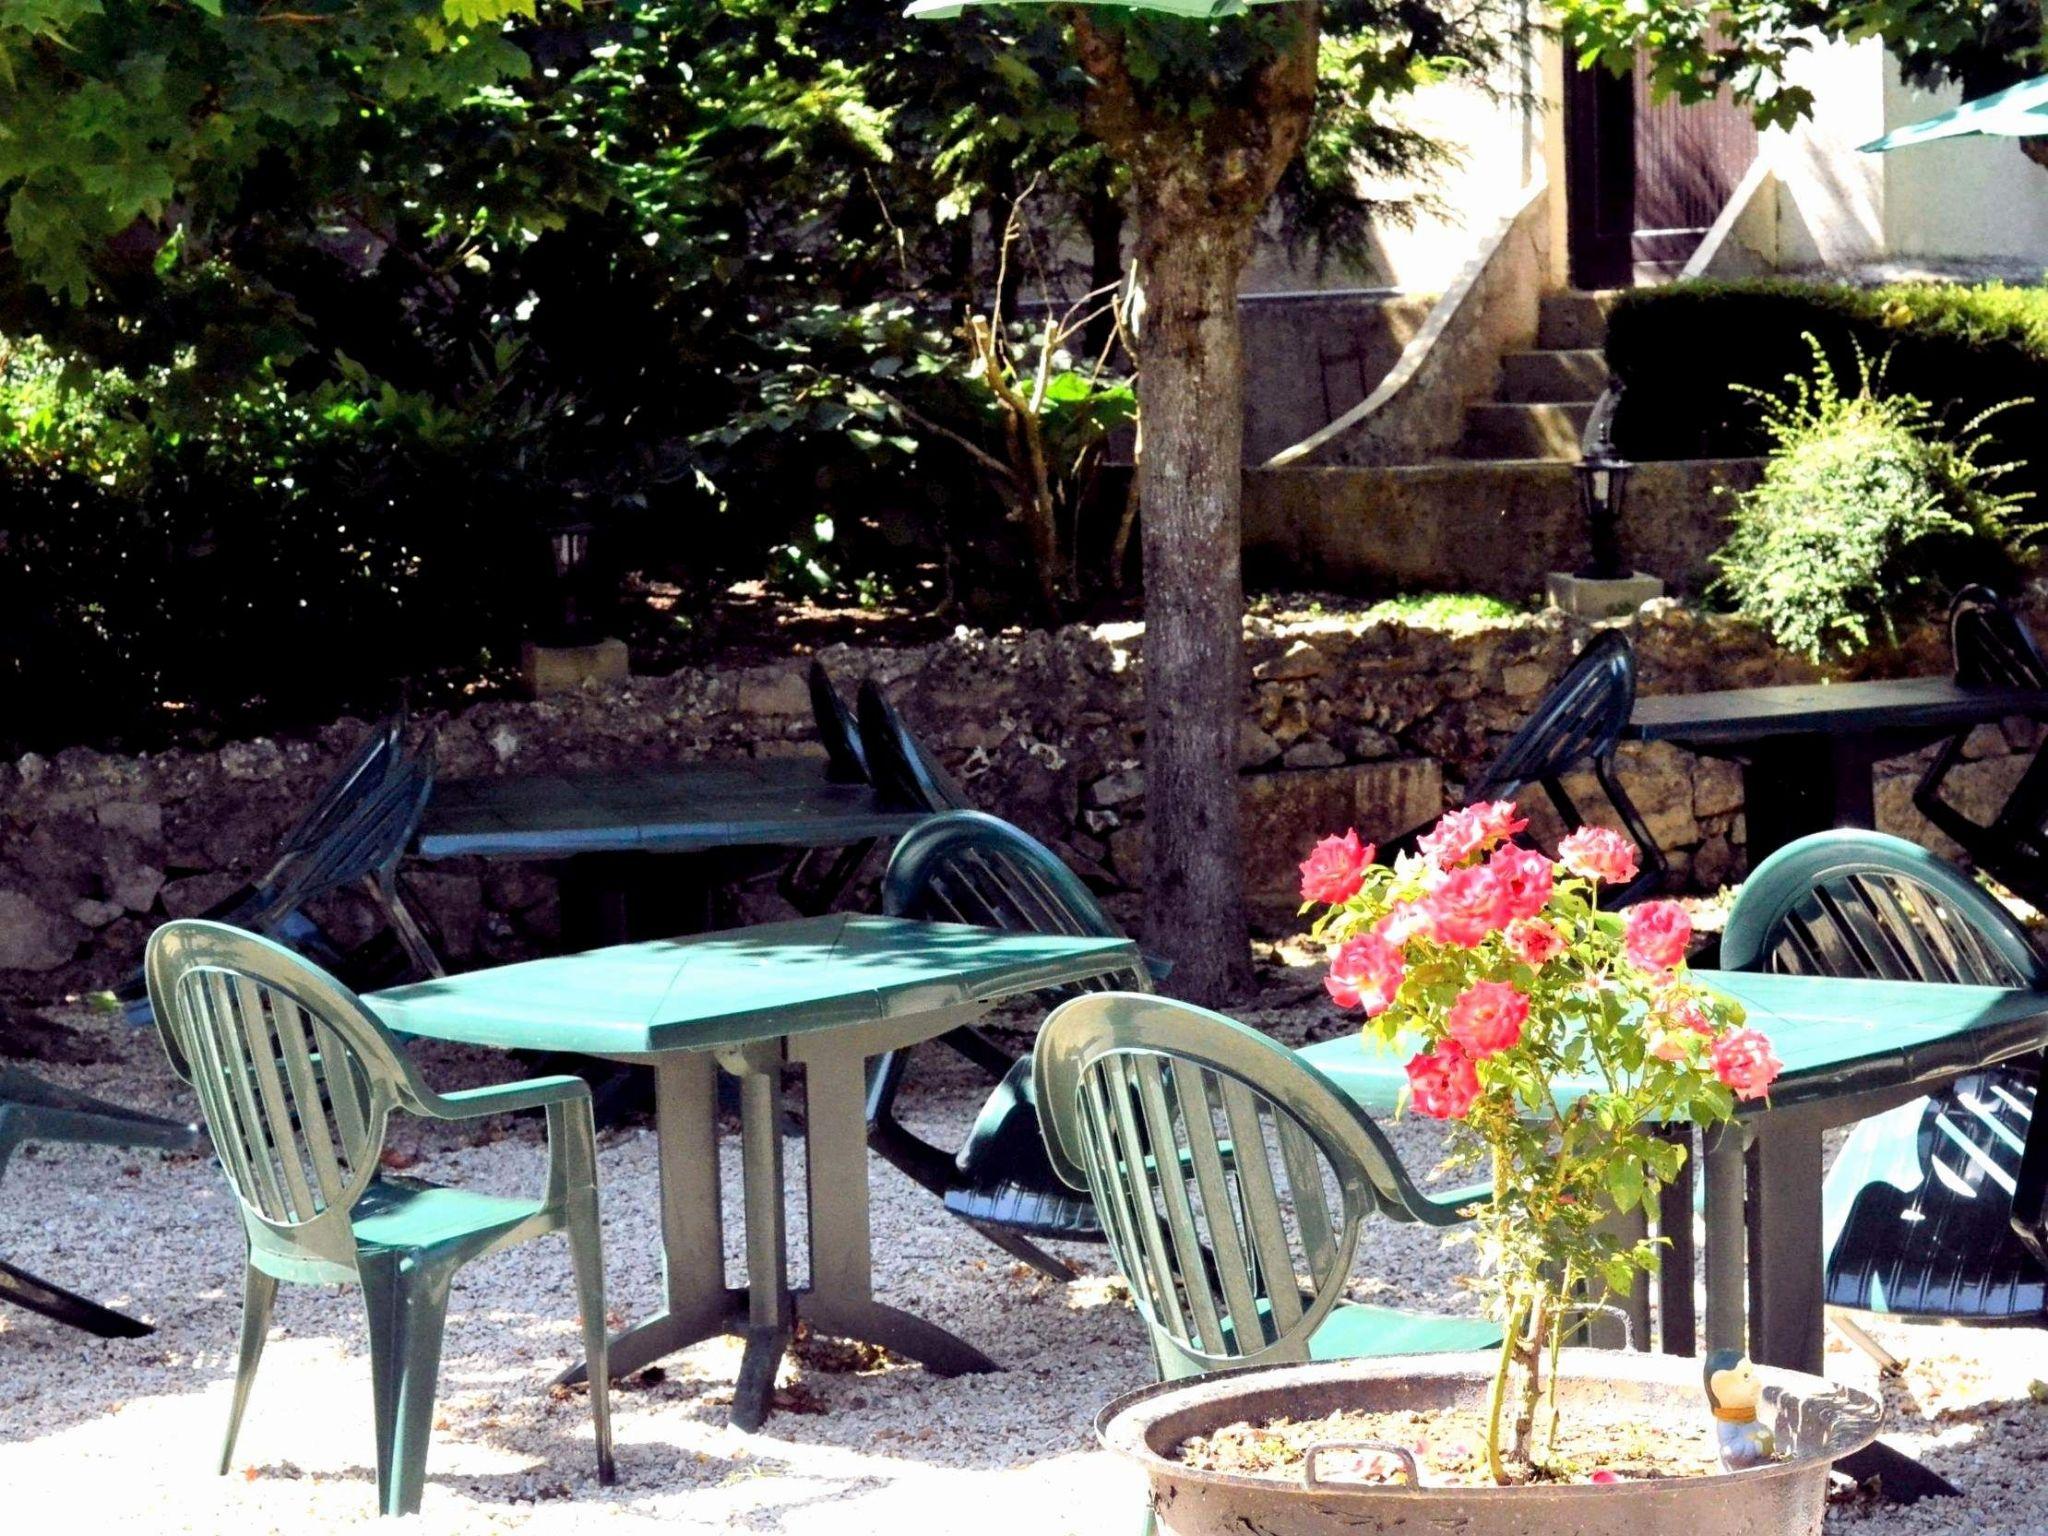 Salon de jardin nancy ch let maison et cabane - Maison jardin furniture nancy ...